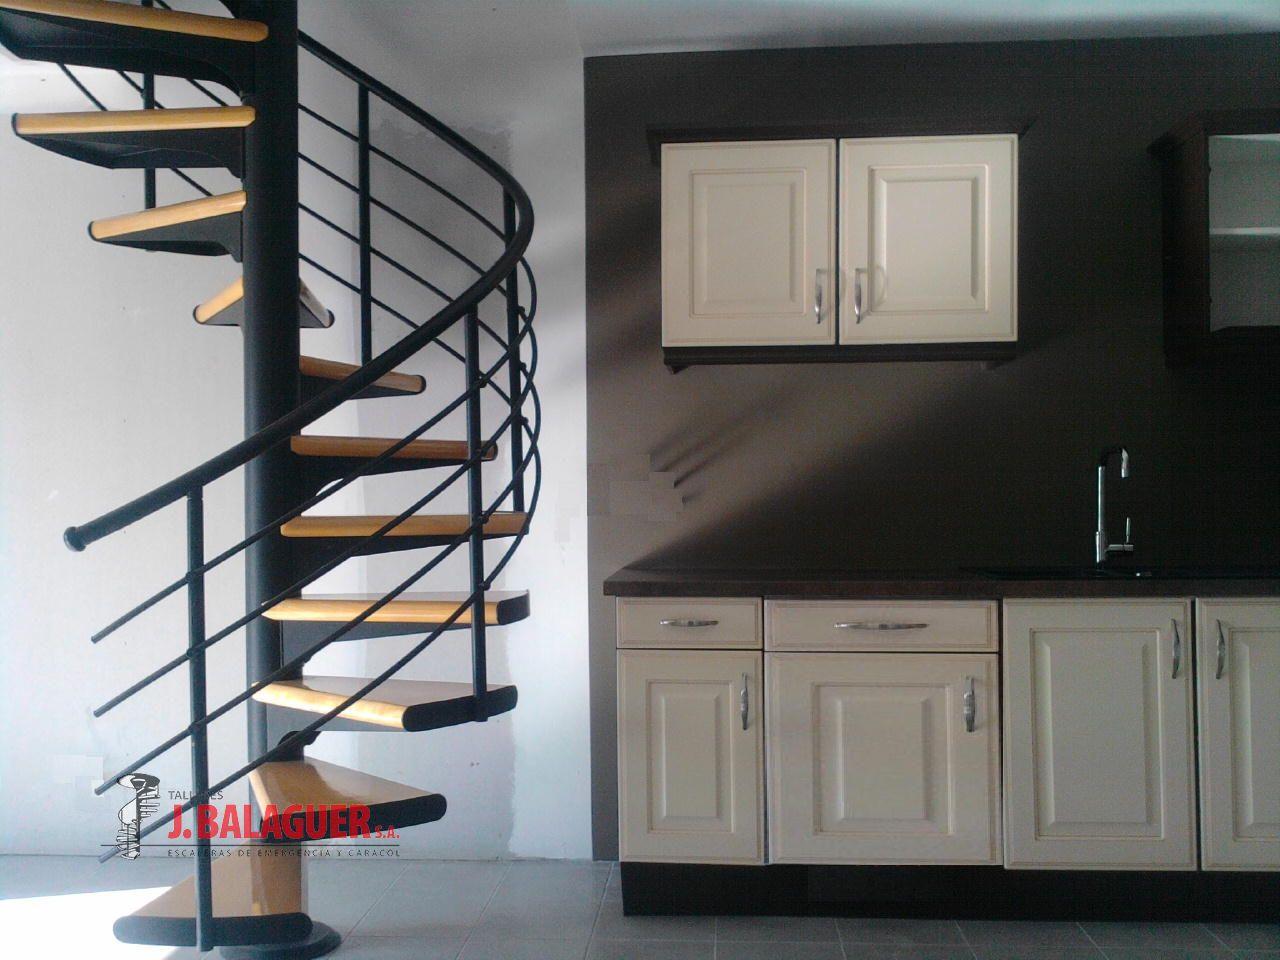 escaleras caracol con madera modelo m barandilla h escaleras caracol con madera modelo m barandilla h with modelos de escaleras de caracol para interiores